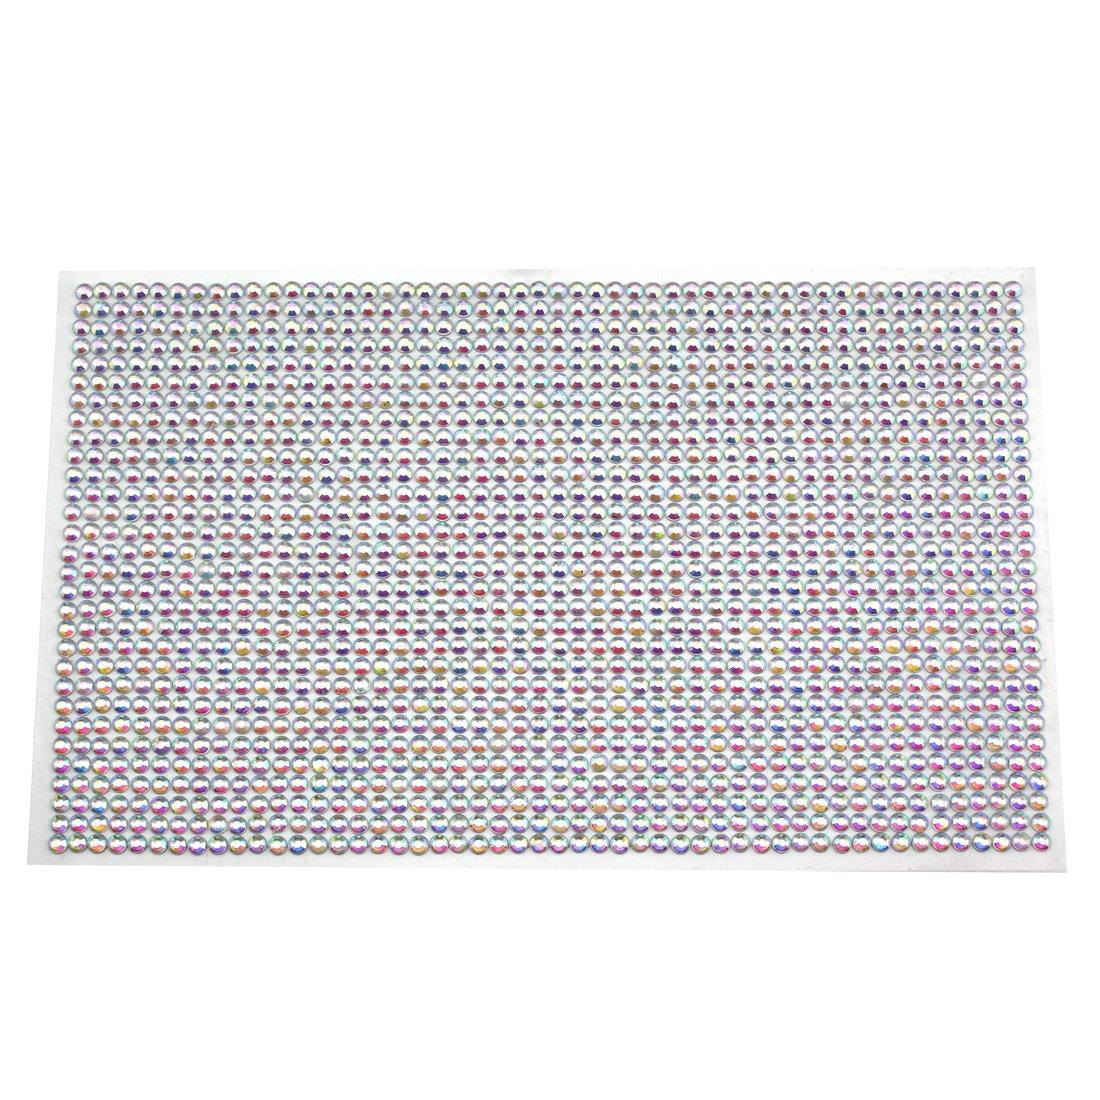 1dde41d664 CraftbuddyUS 1500 Bulk Sheet of 5mm Self Adhesive AB Diamante Stick on  Rhinestone Gems Craft